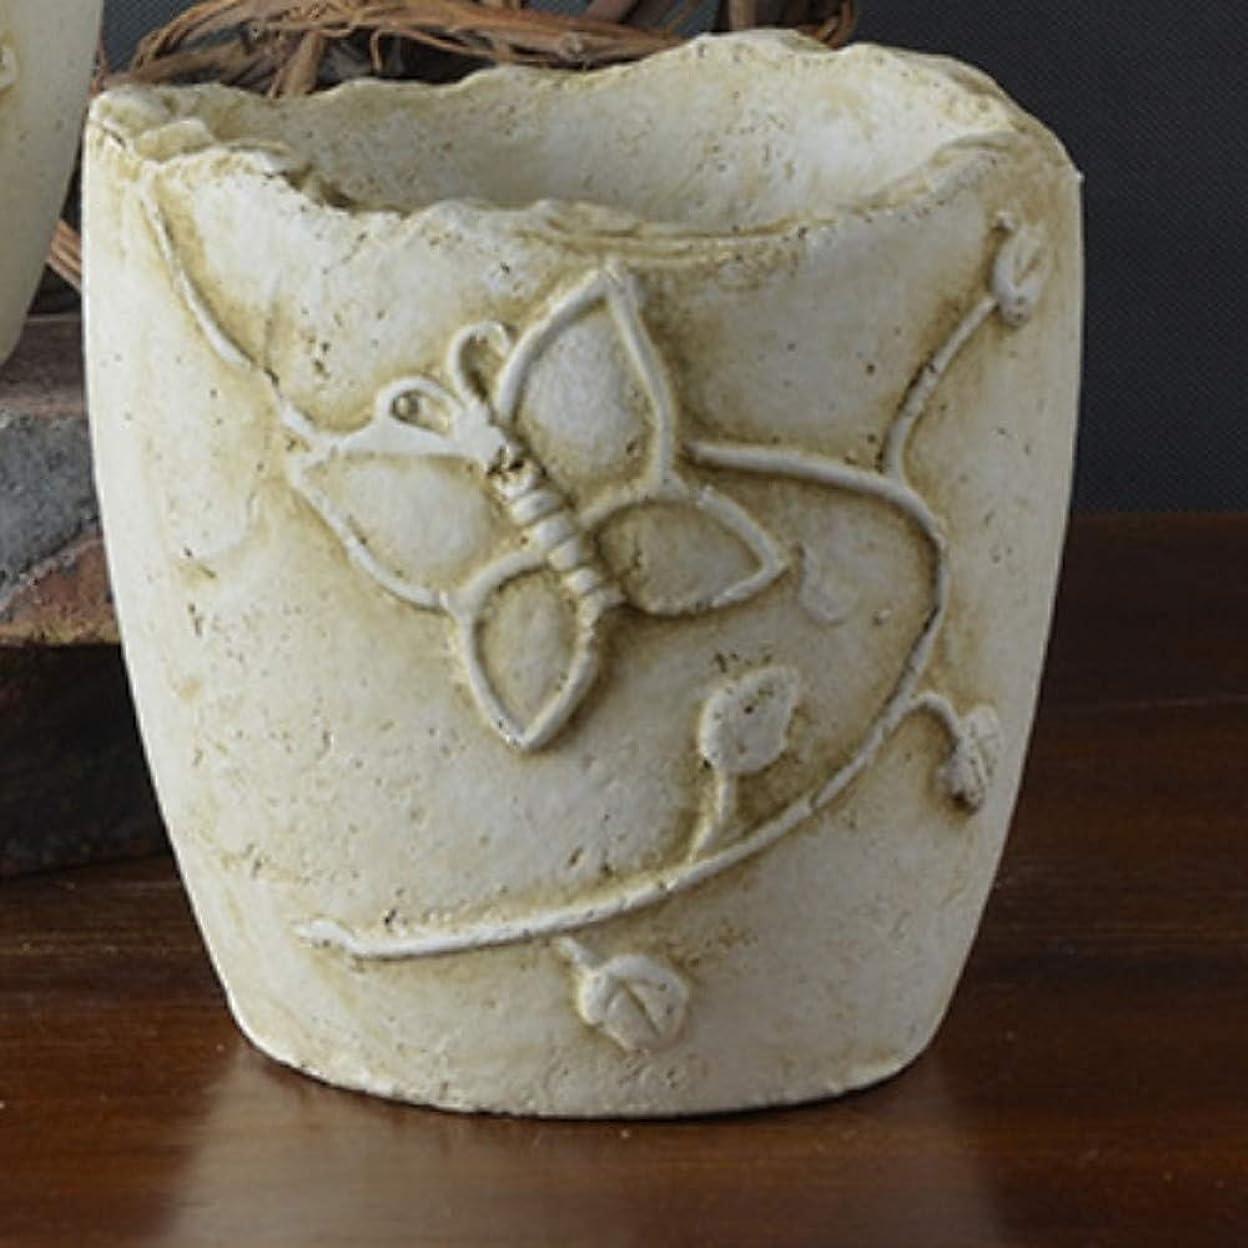 お酒ストローク道徳のどのように-造花 人工花 0 ブランチ クラシック 現代コンテンポラリー 花瓶 テーブルトップフラワー,ベージュ